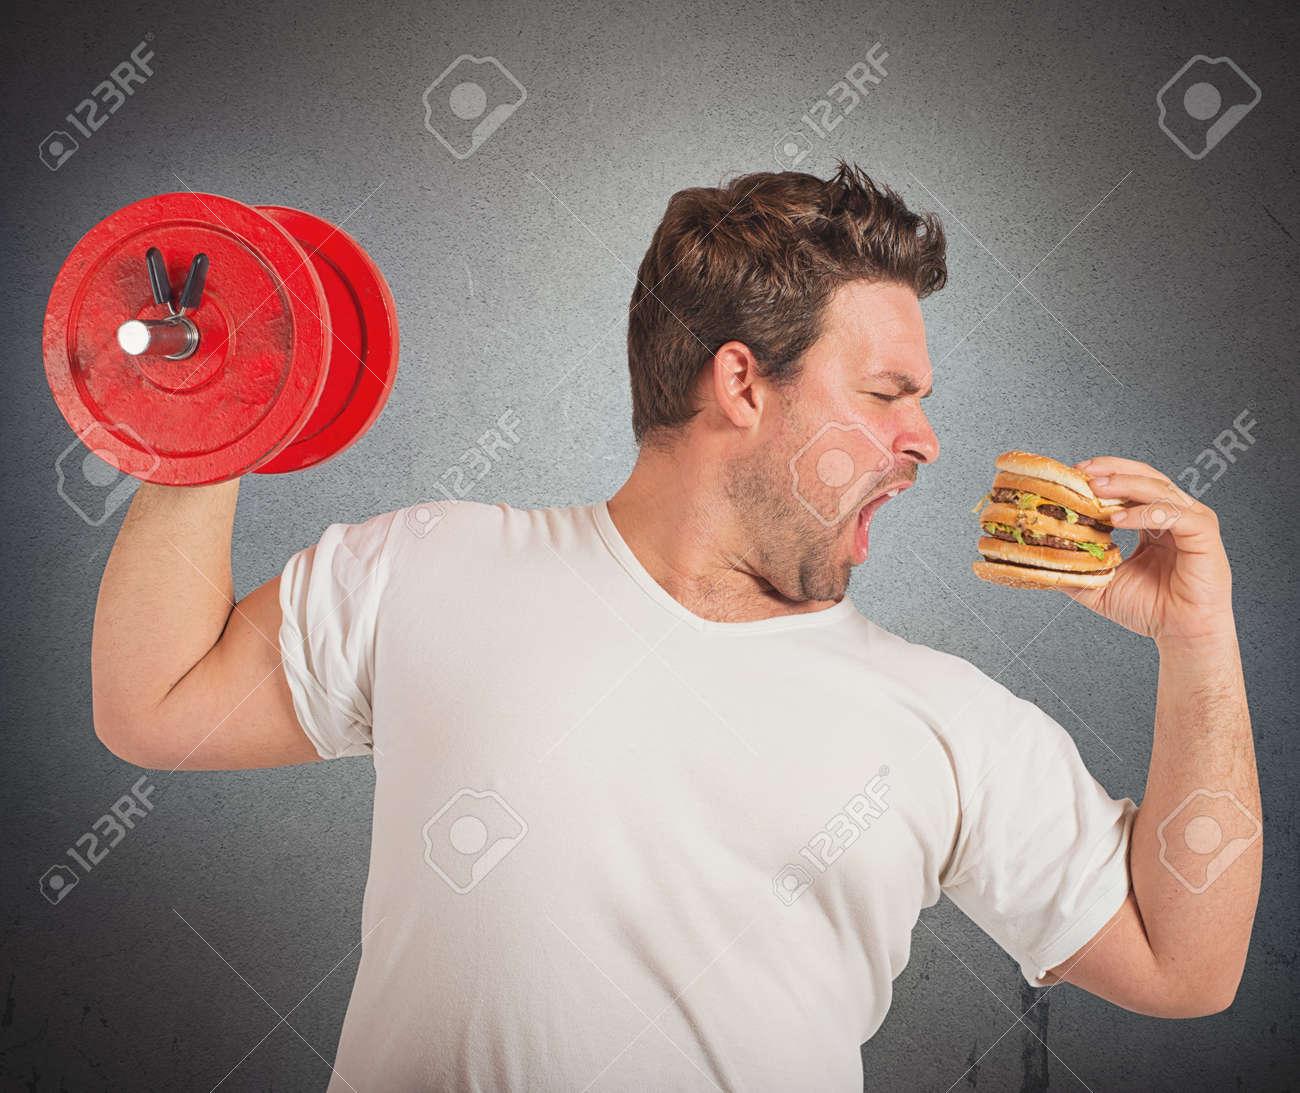 Weights vs sandwich - 126394809